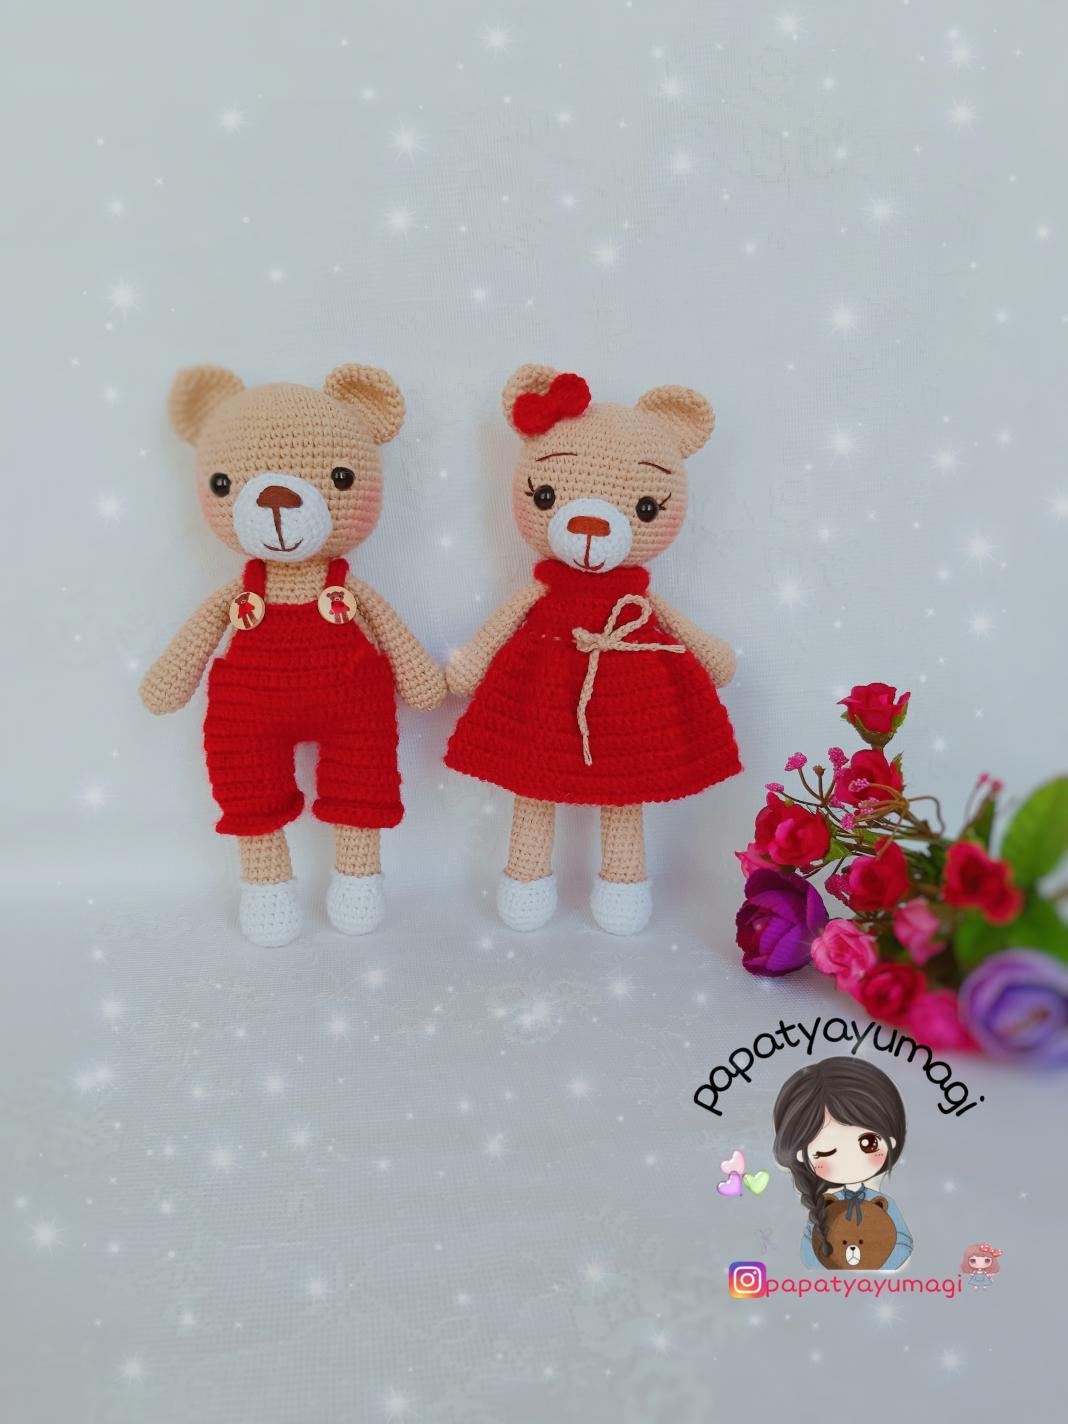 Amigurumi) Masum Ayıcık Kafa Yapımı - Teddy Bear 1/4 - YouTube | 1424x1068